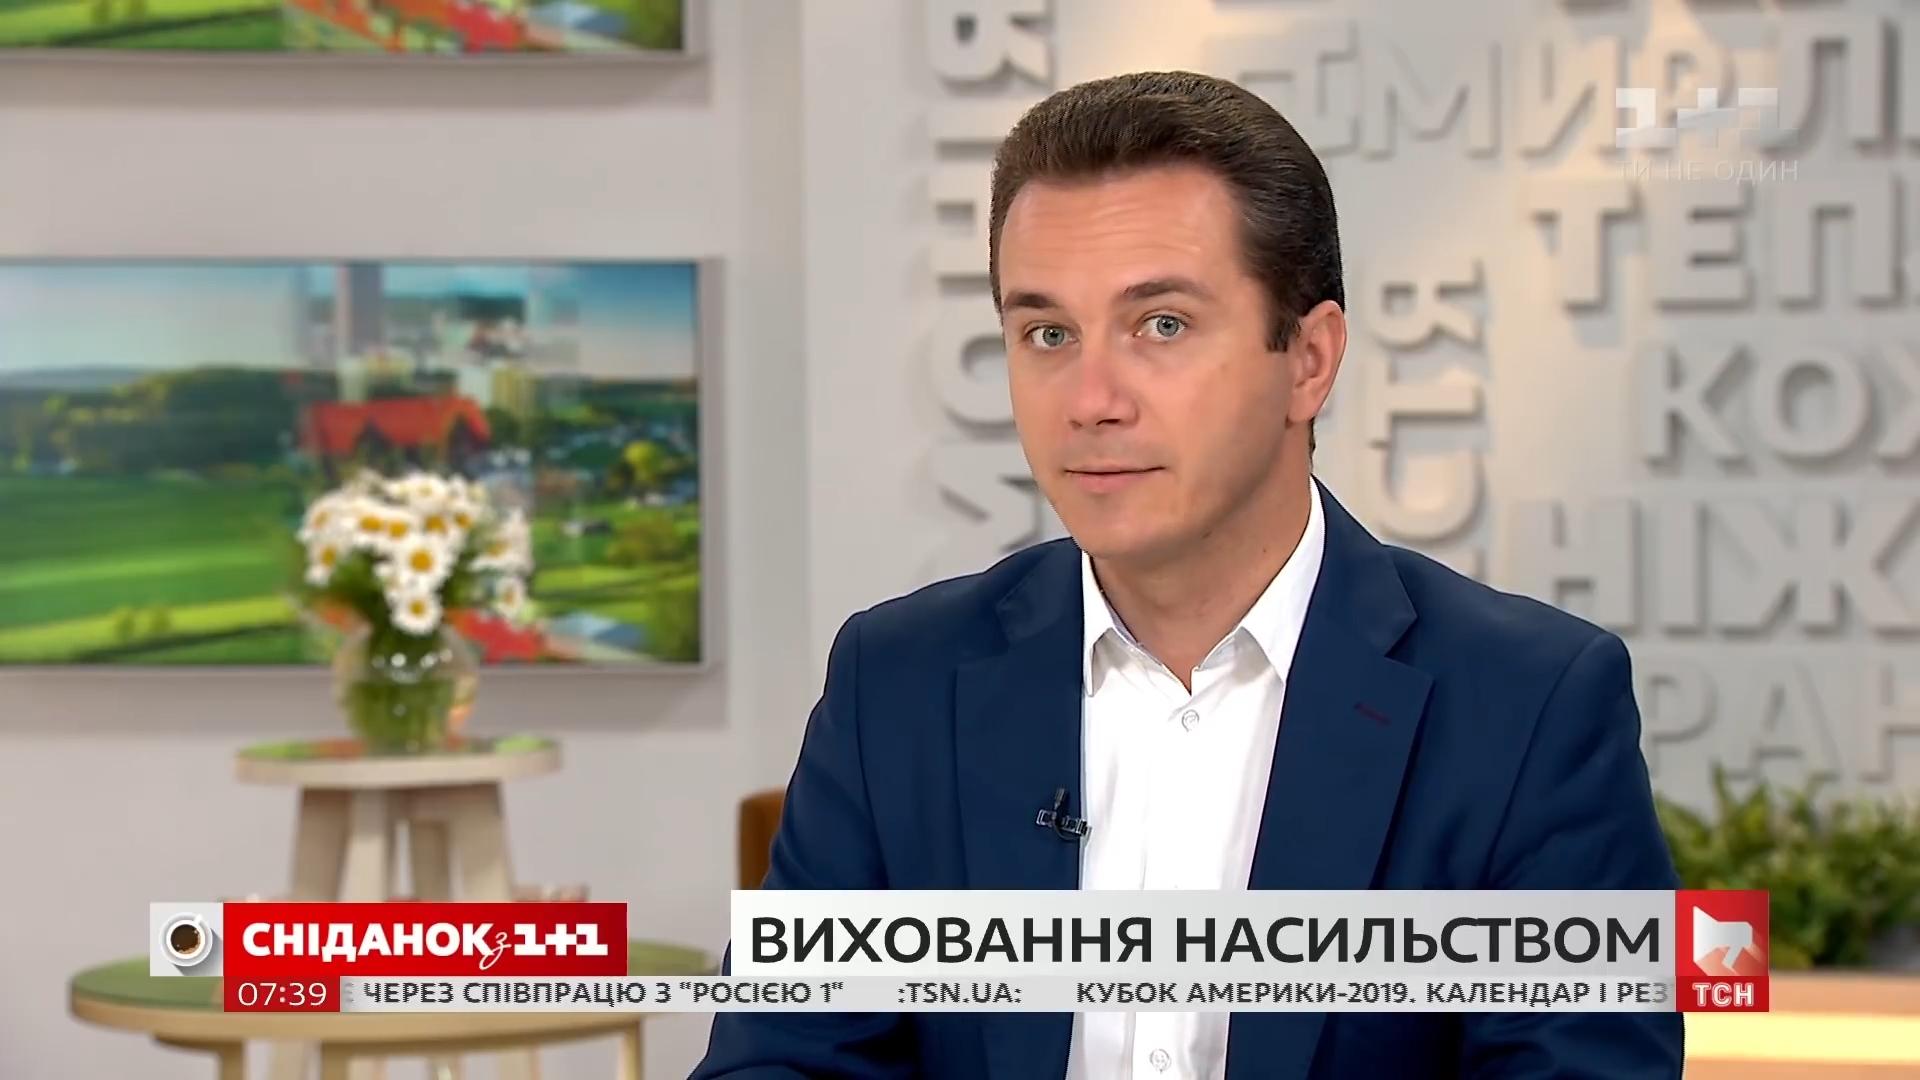 20190708_09-51-Что в Украине считается насилием над детьми и как ему противостоять - адвокат Олег Простибоженко-pic05